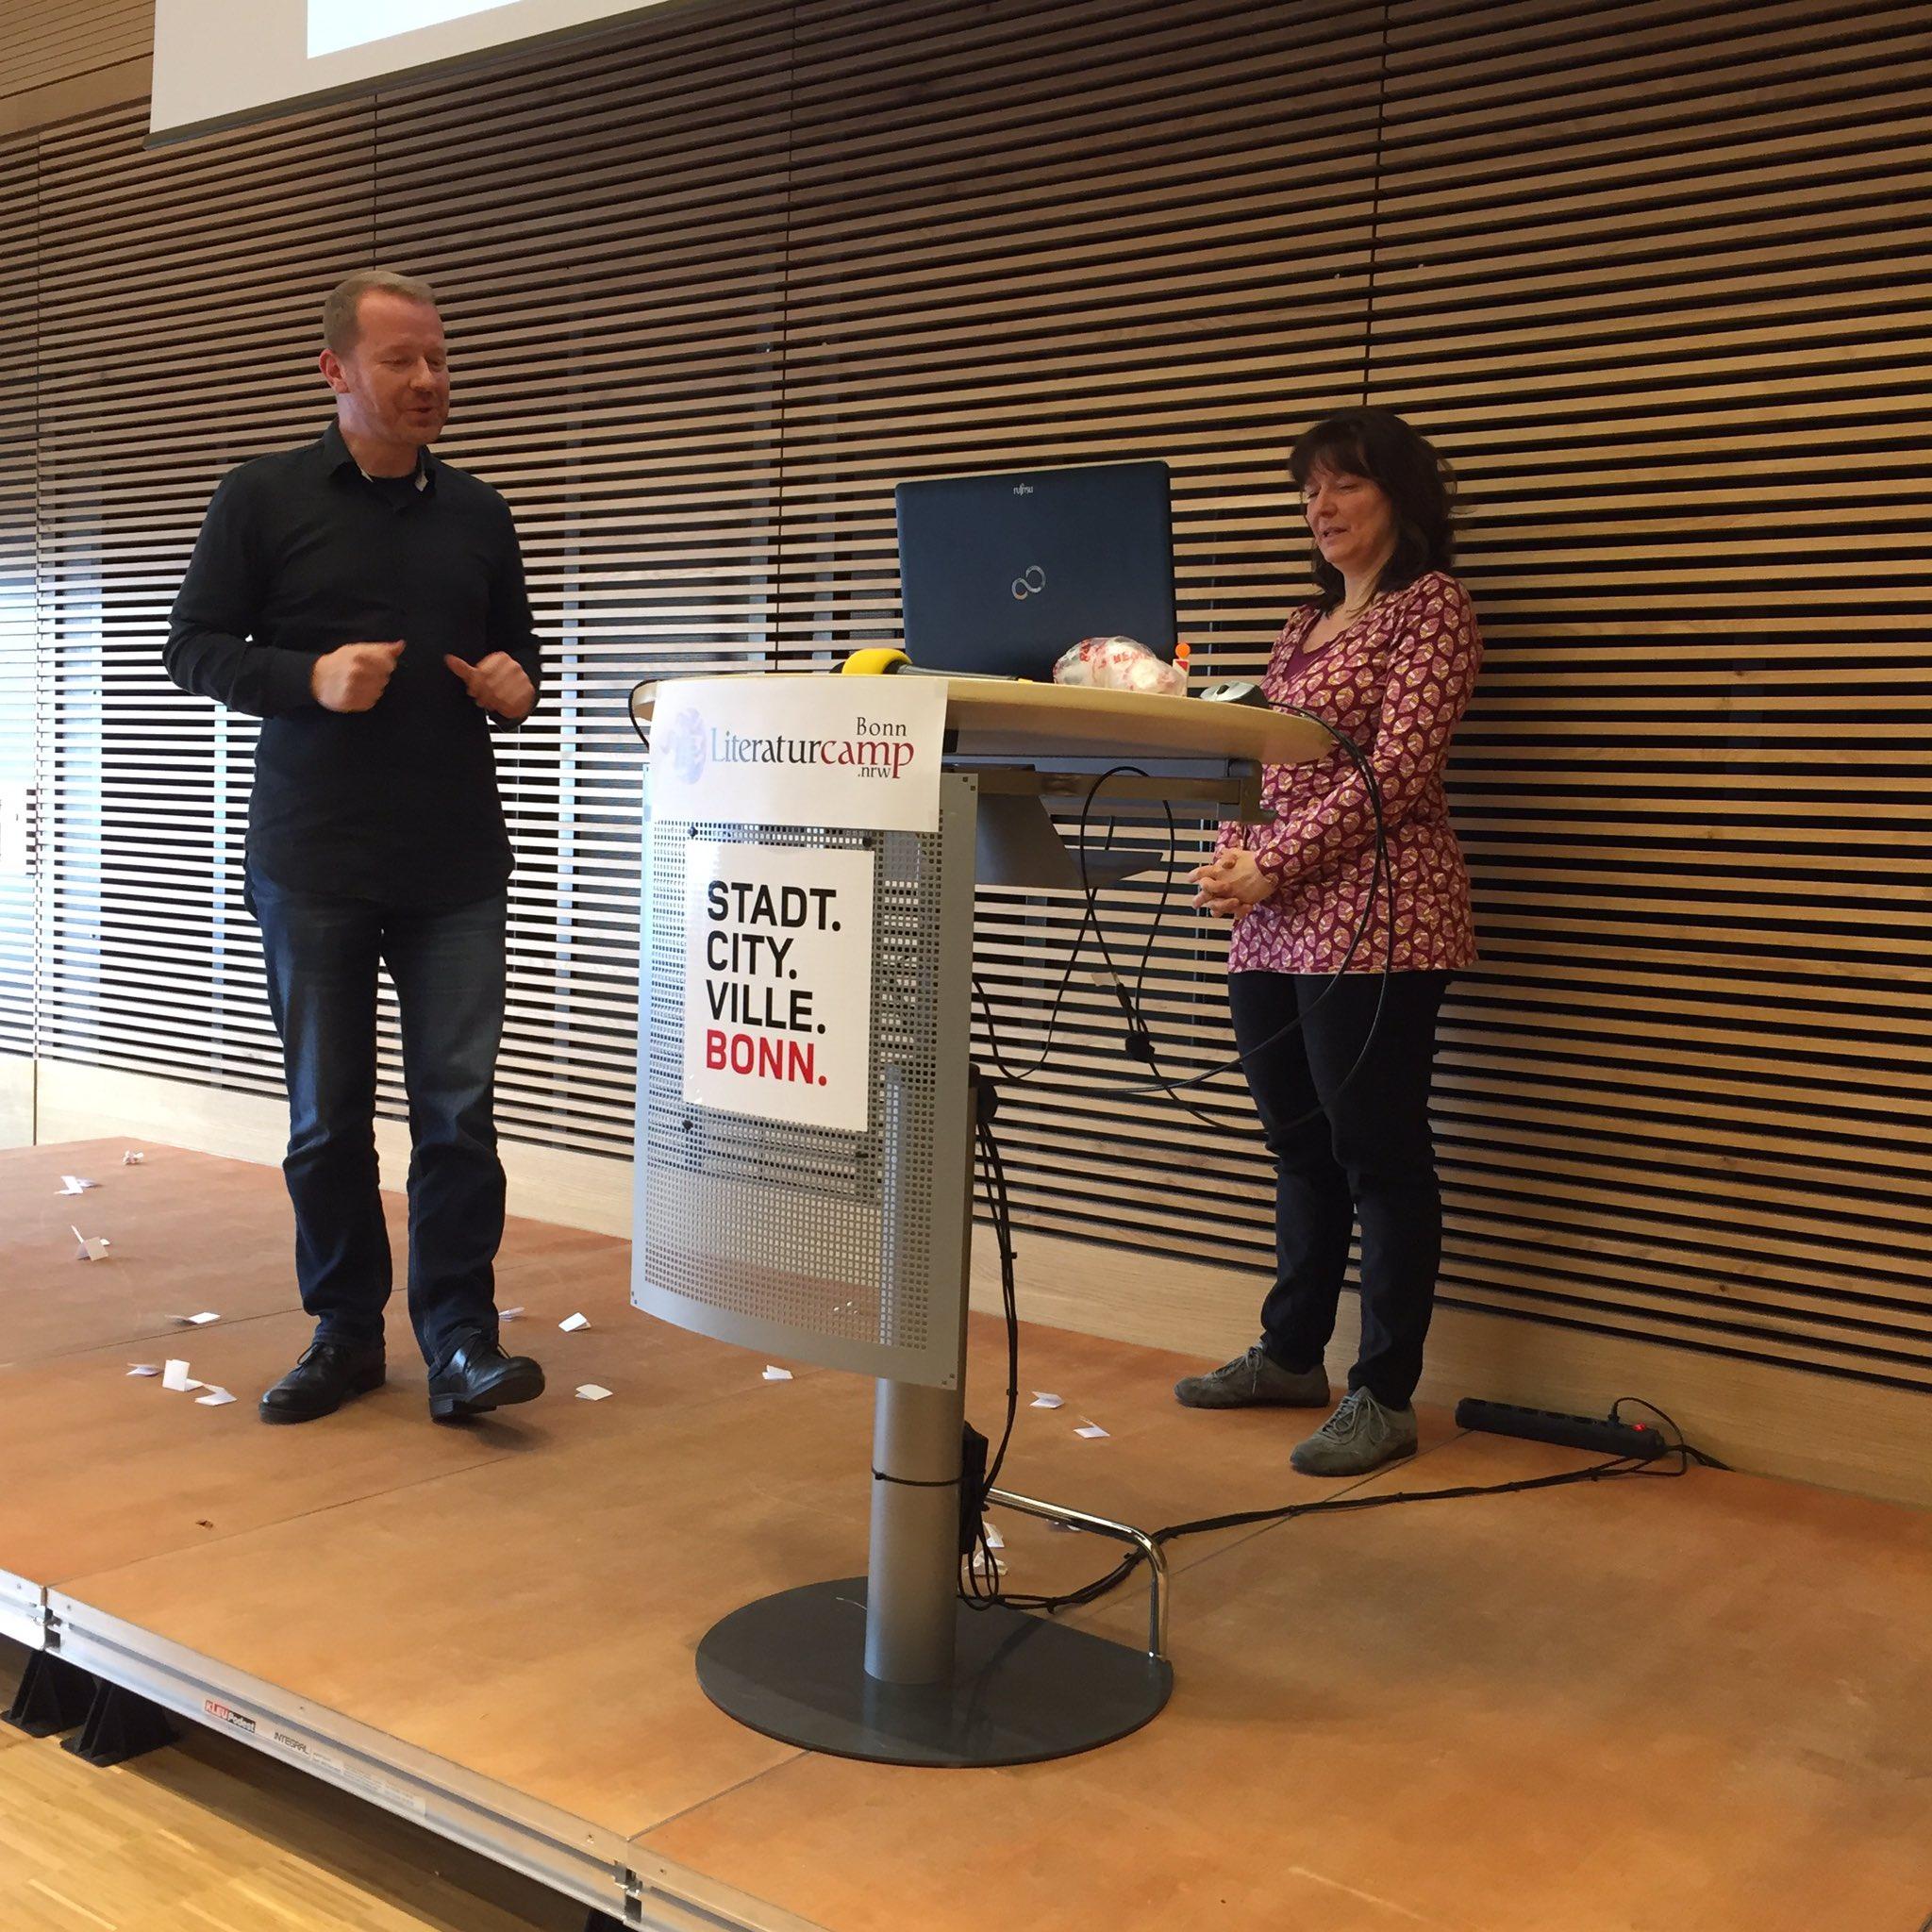 Die Beziehung Autor und Lektor ist von vielen Gefühlen geprägt -besonders bei @TheaterImpro  #litcampbn17 https://t.co/WYBJUhlXUL